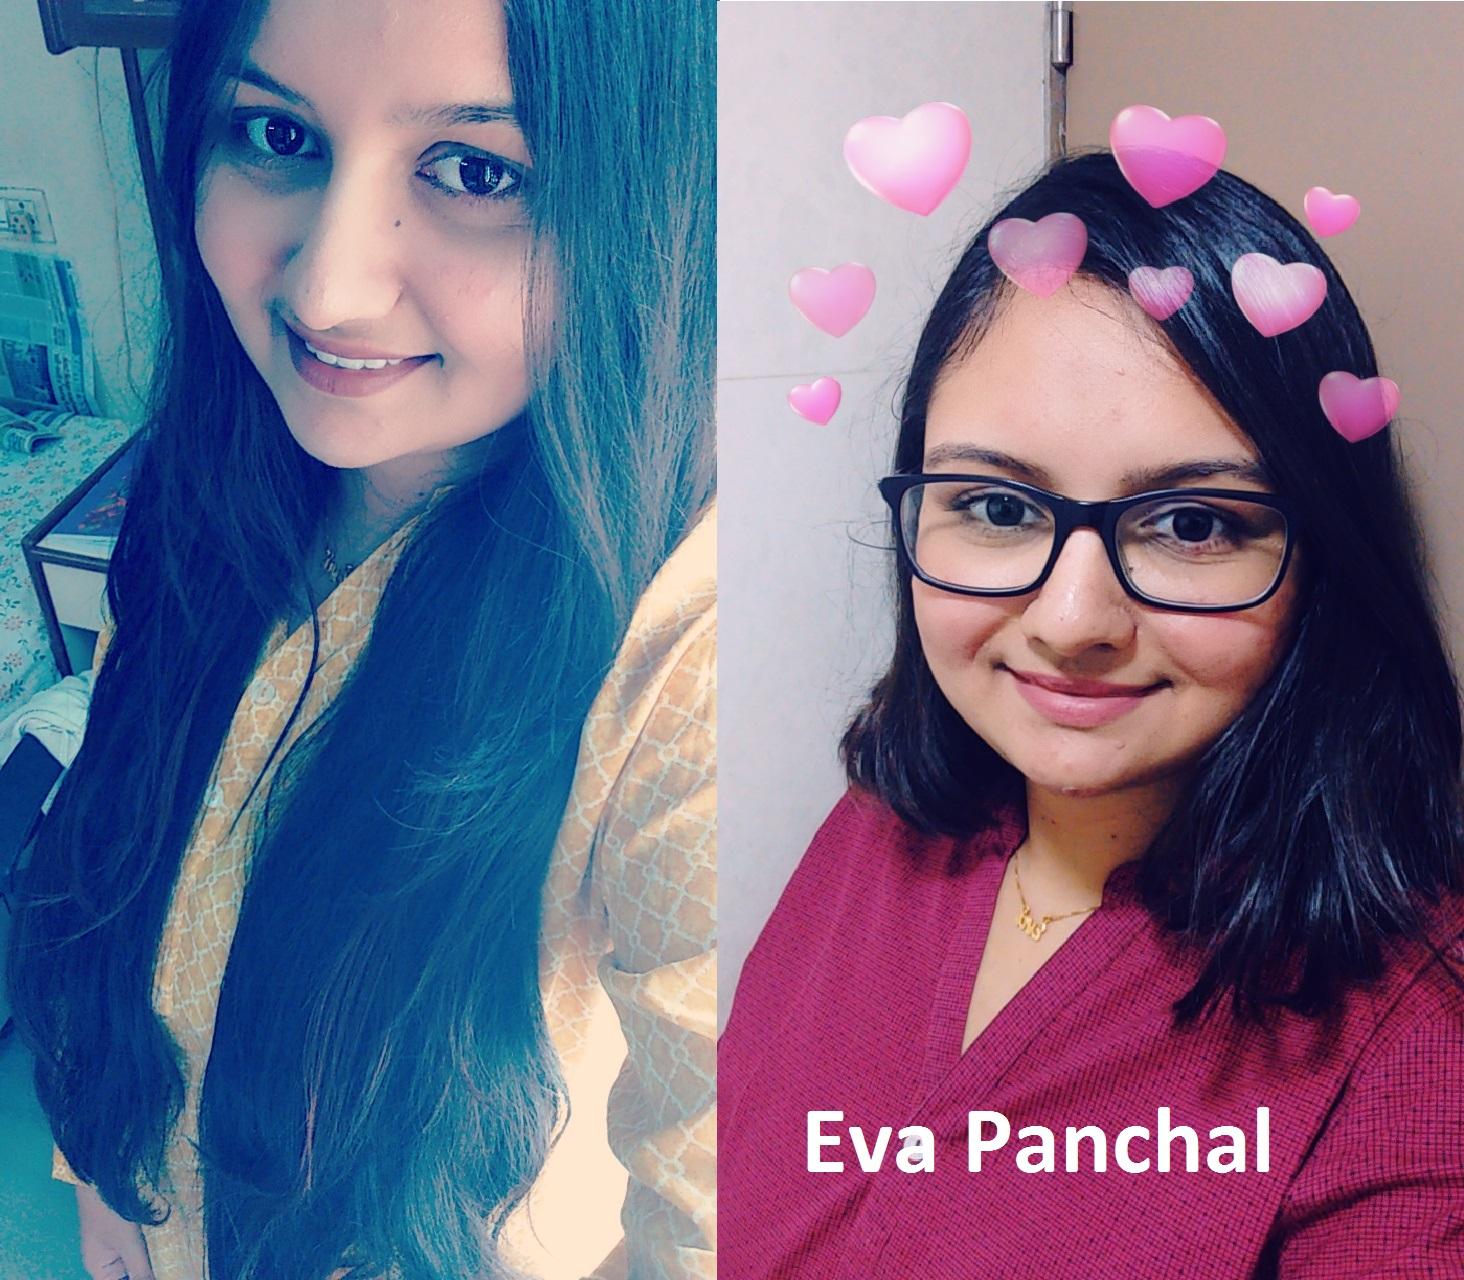 Eva Panchal